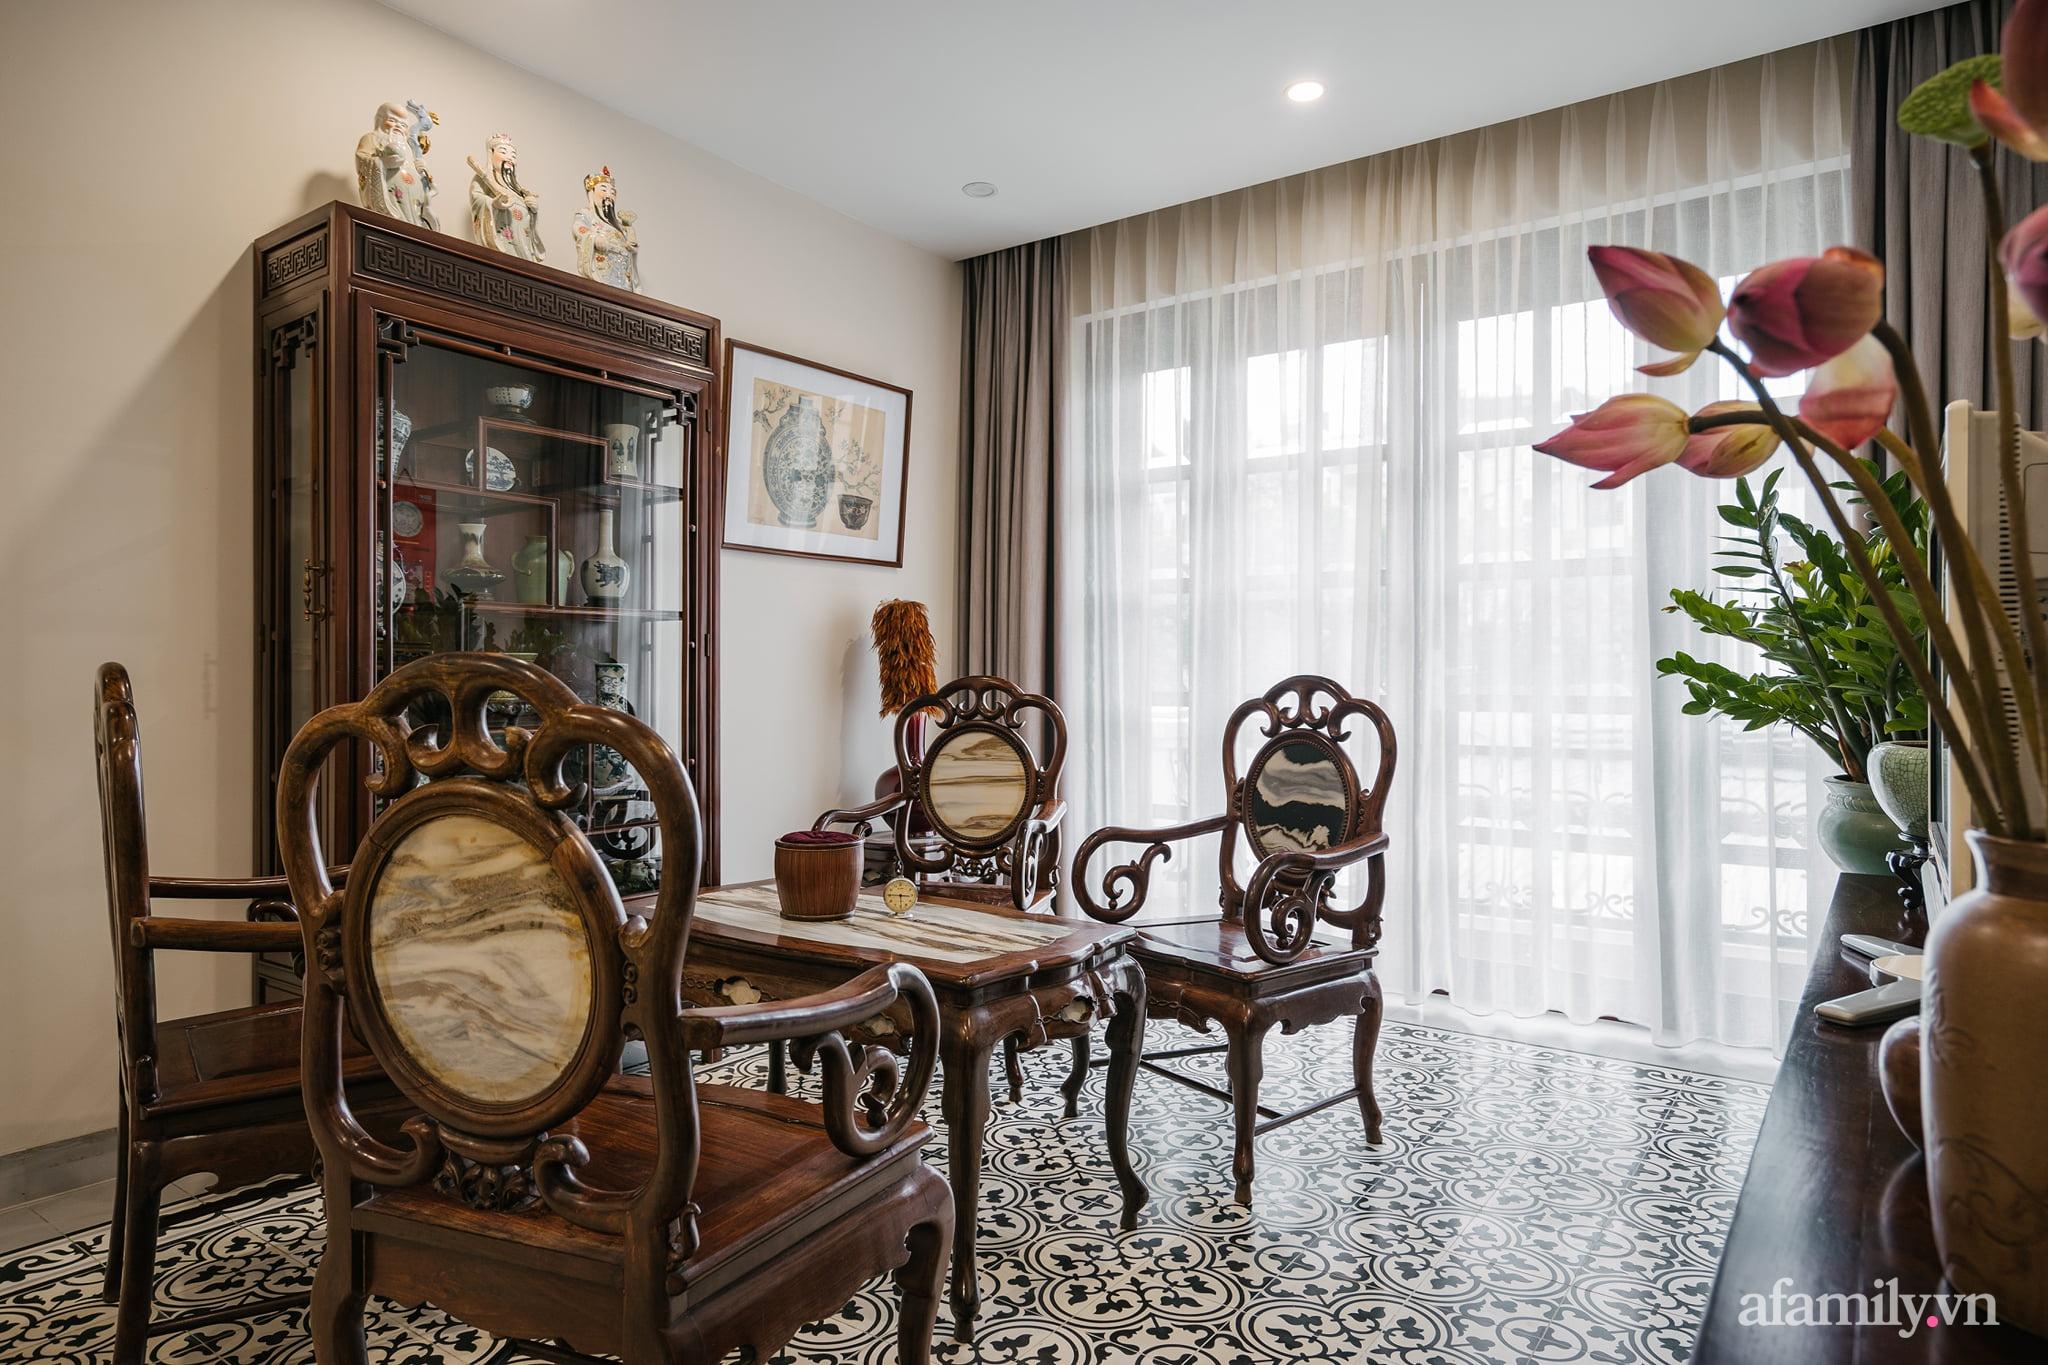 Căn nhà của miền ký ức được xây dựng từ lòng hiếu thảo của con trai dành cho bố mẹ ở Long Biên, Hà Nội - Ảnh 4.